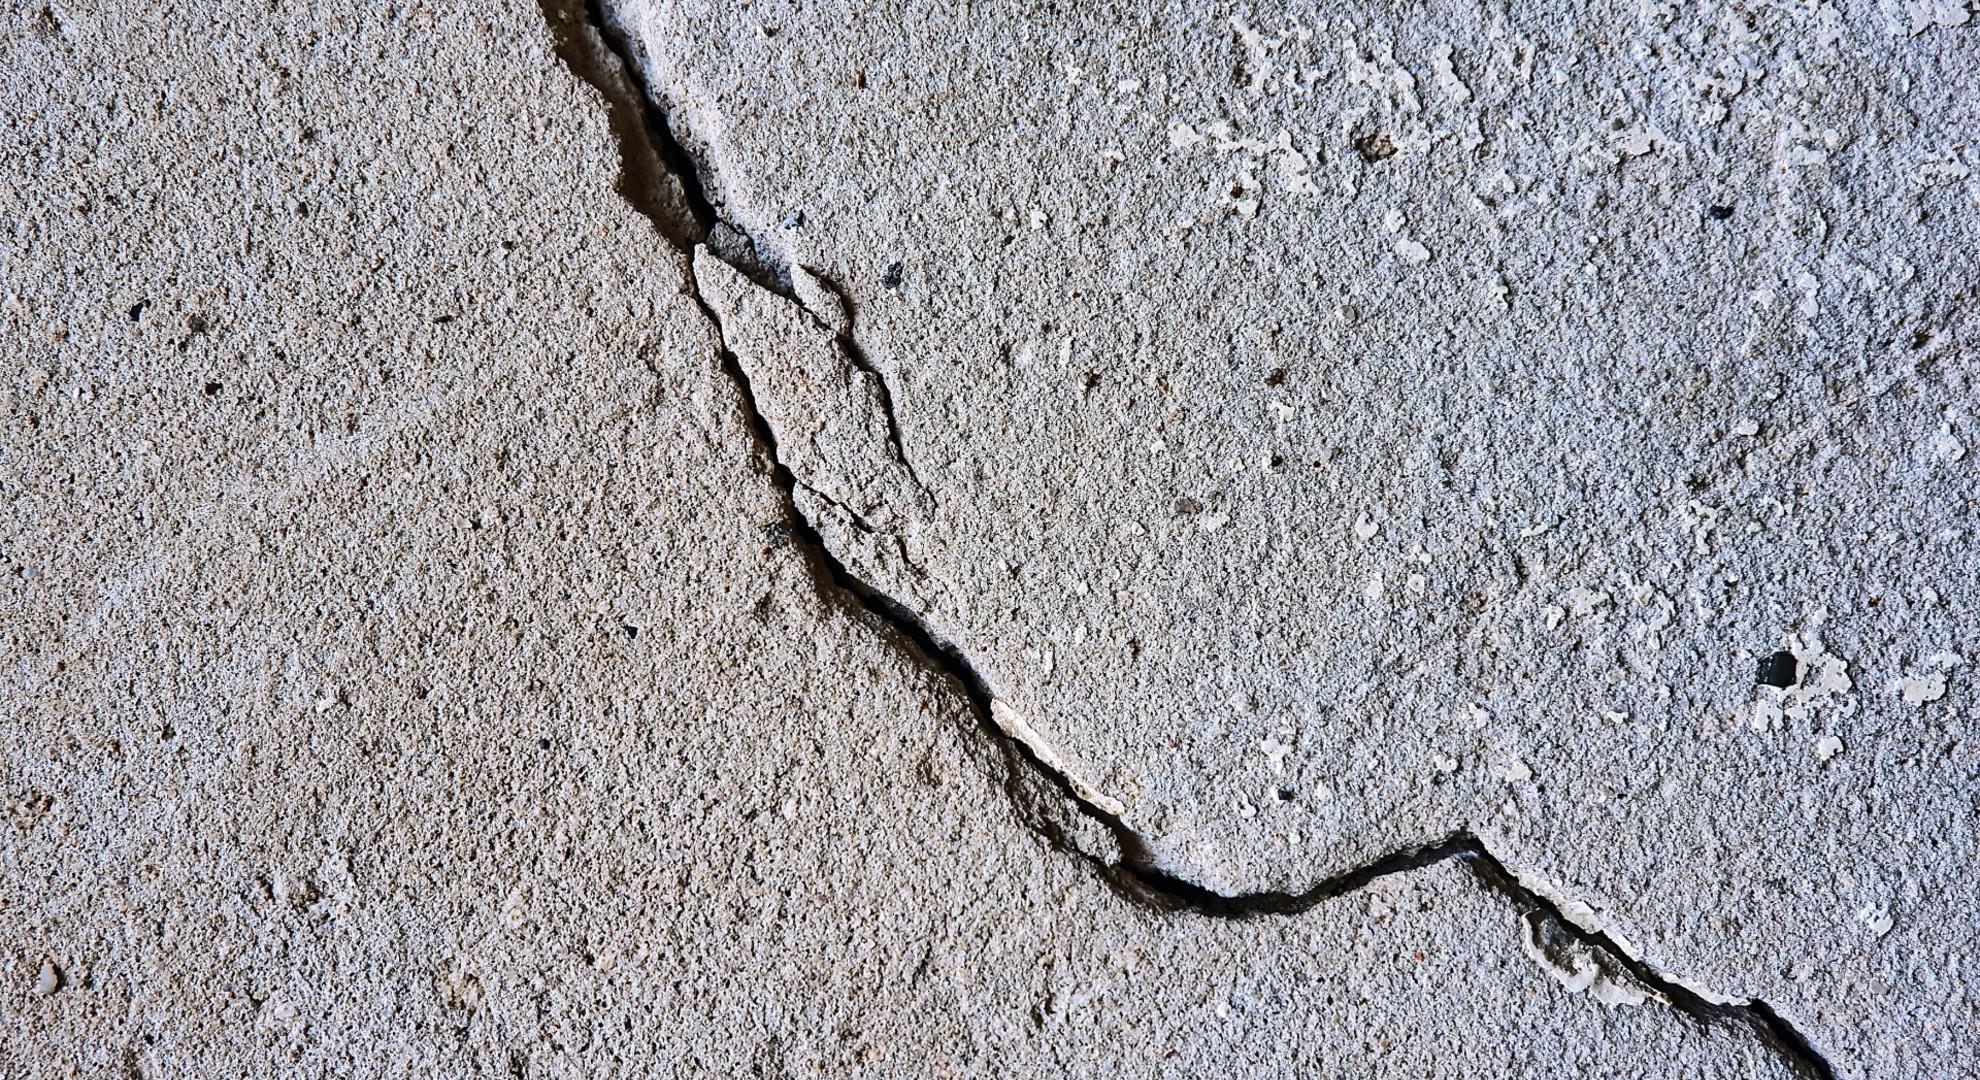 Szombaton földrengés volt Tolnában.